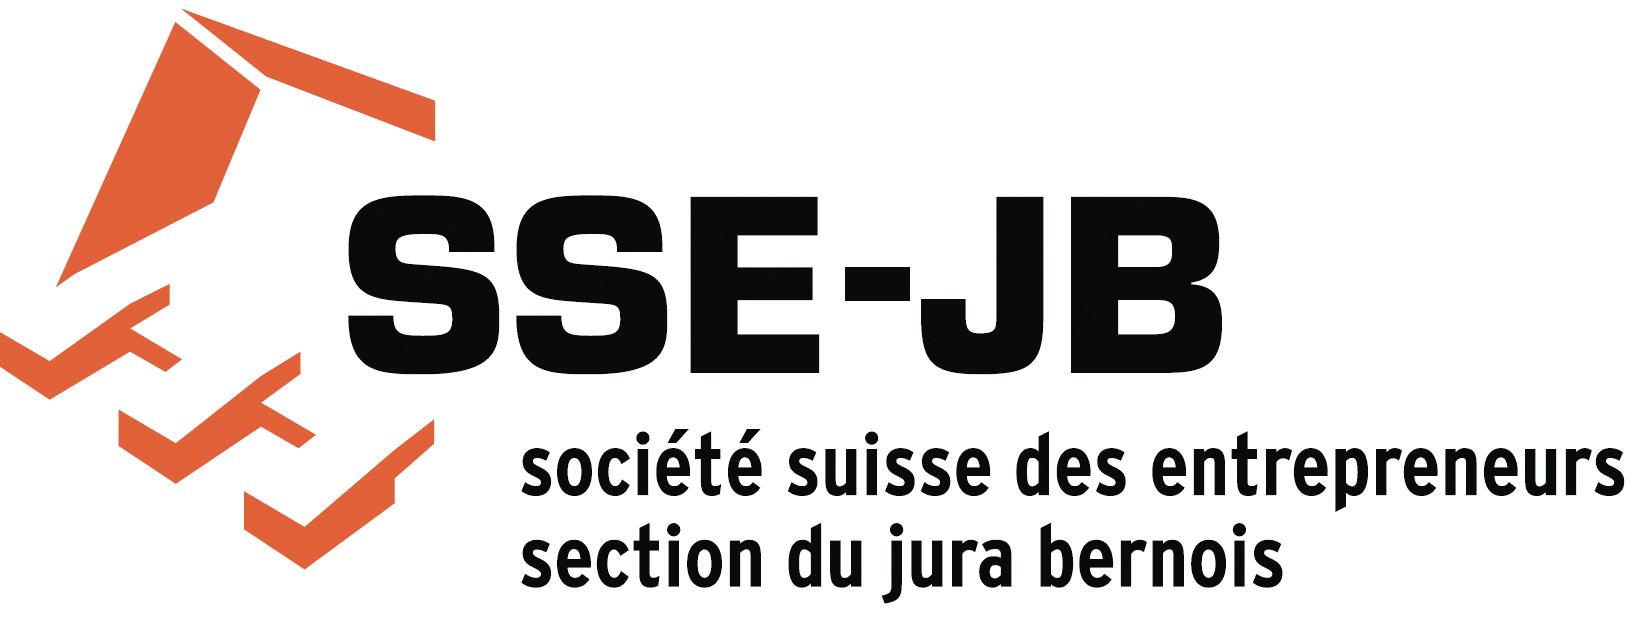 Société suisse des entrepreneurs section de jura bernois